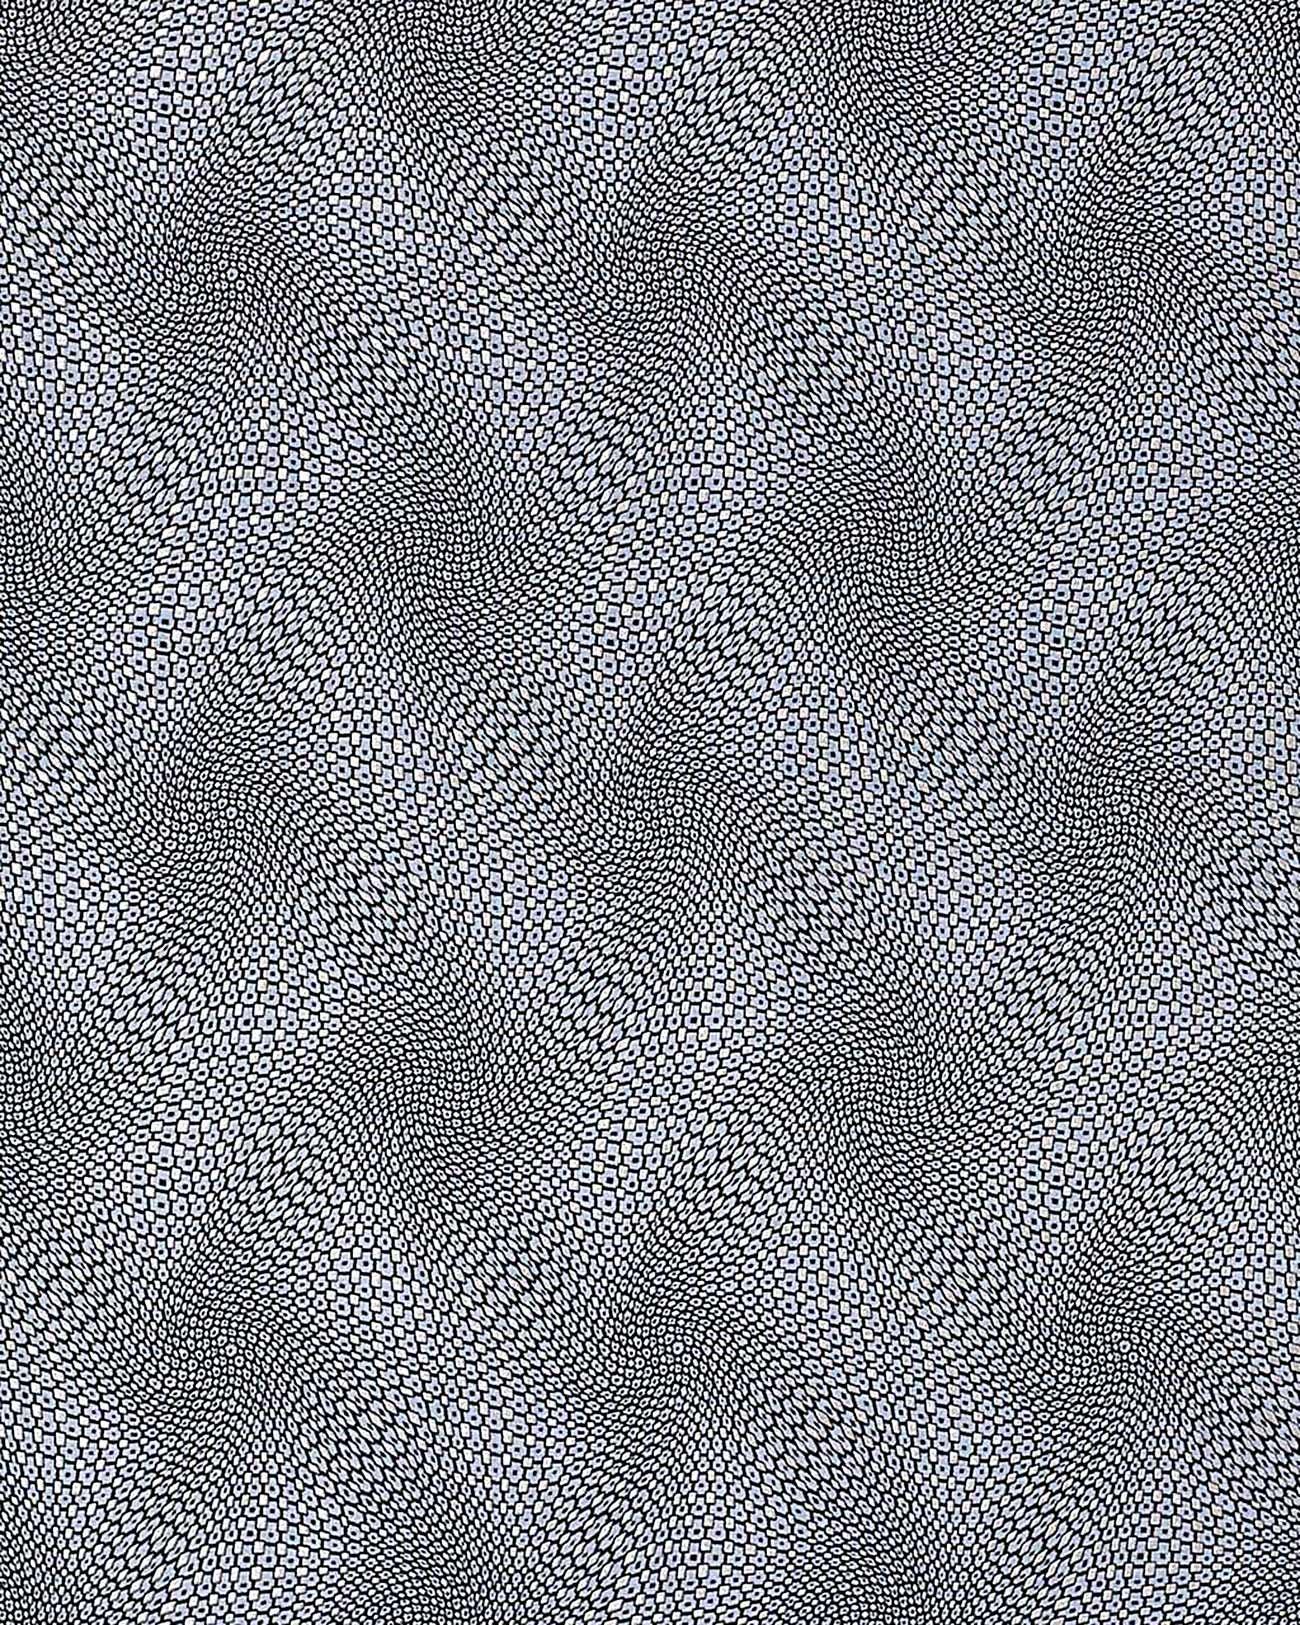 064 26 tapete abstraktes retro muster grafische relief oberfläche 3d